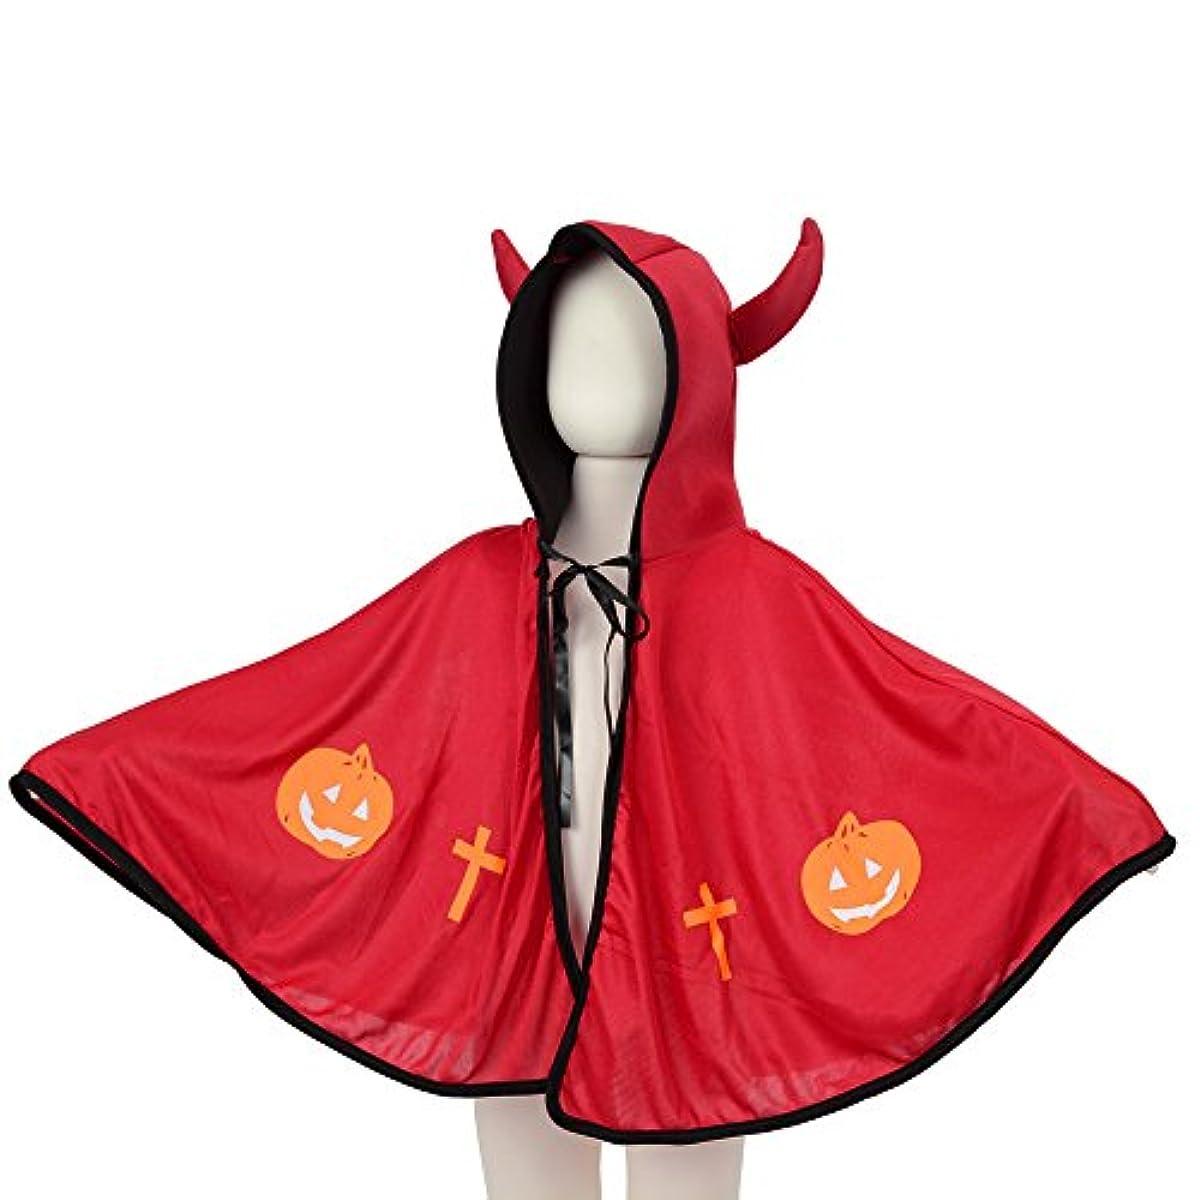 クラック泣き叫ぶうるさいキッズマント デビルマント ハロウィン仮装 赤 子供用 中国製